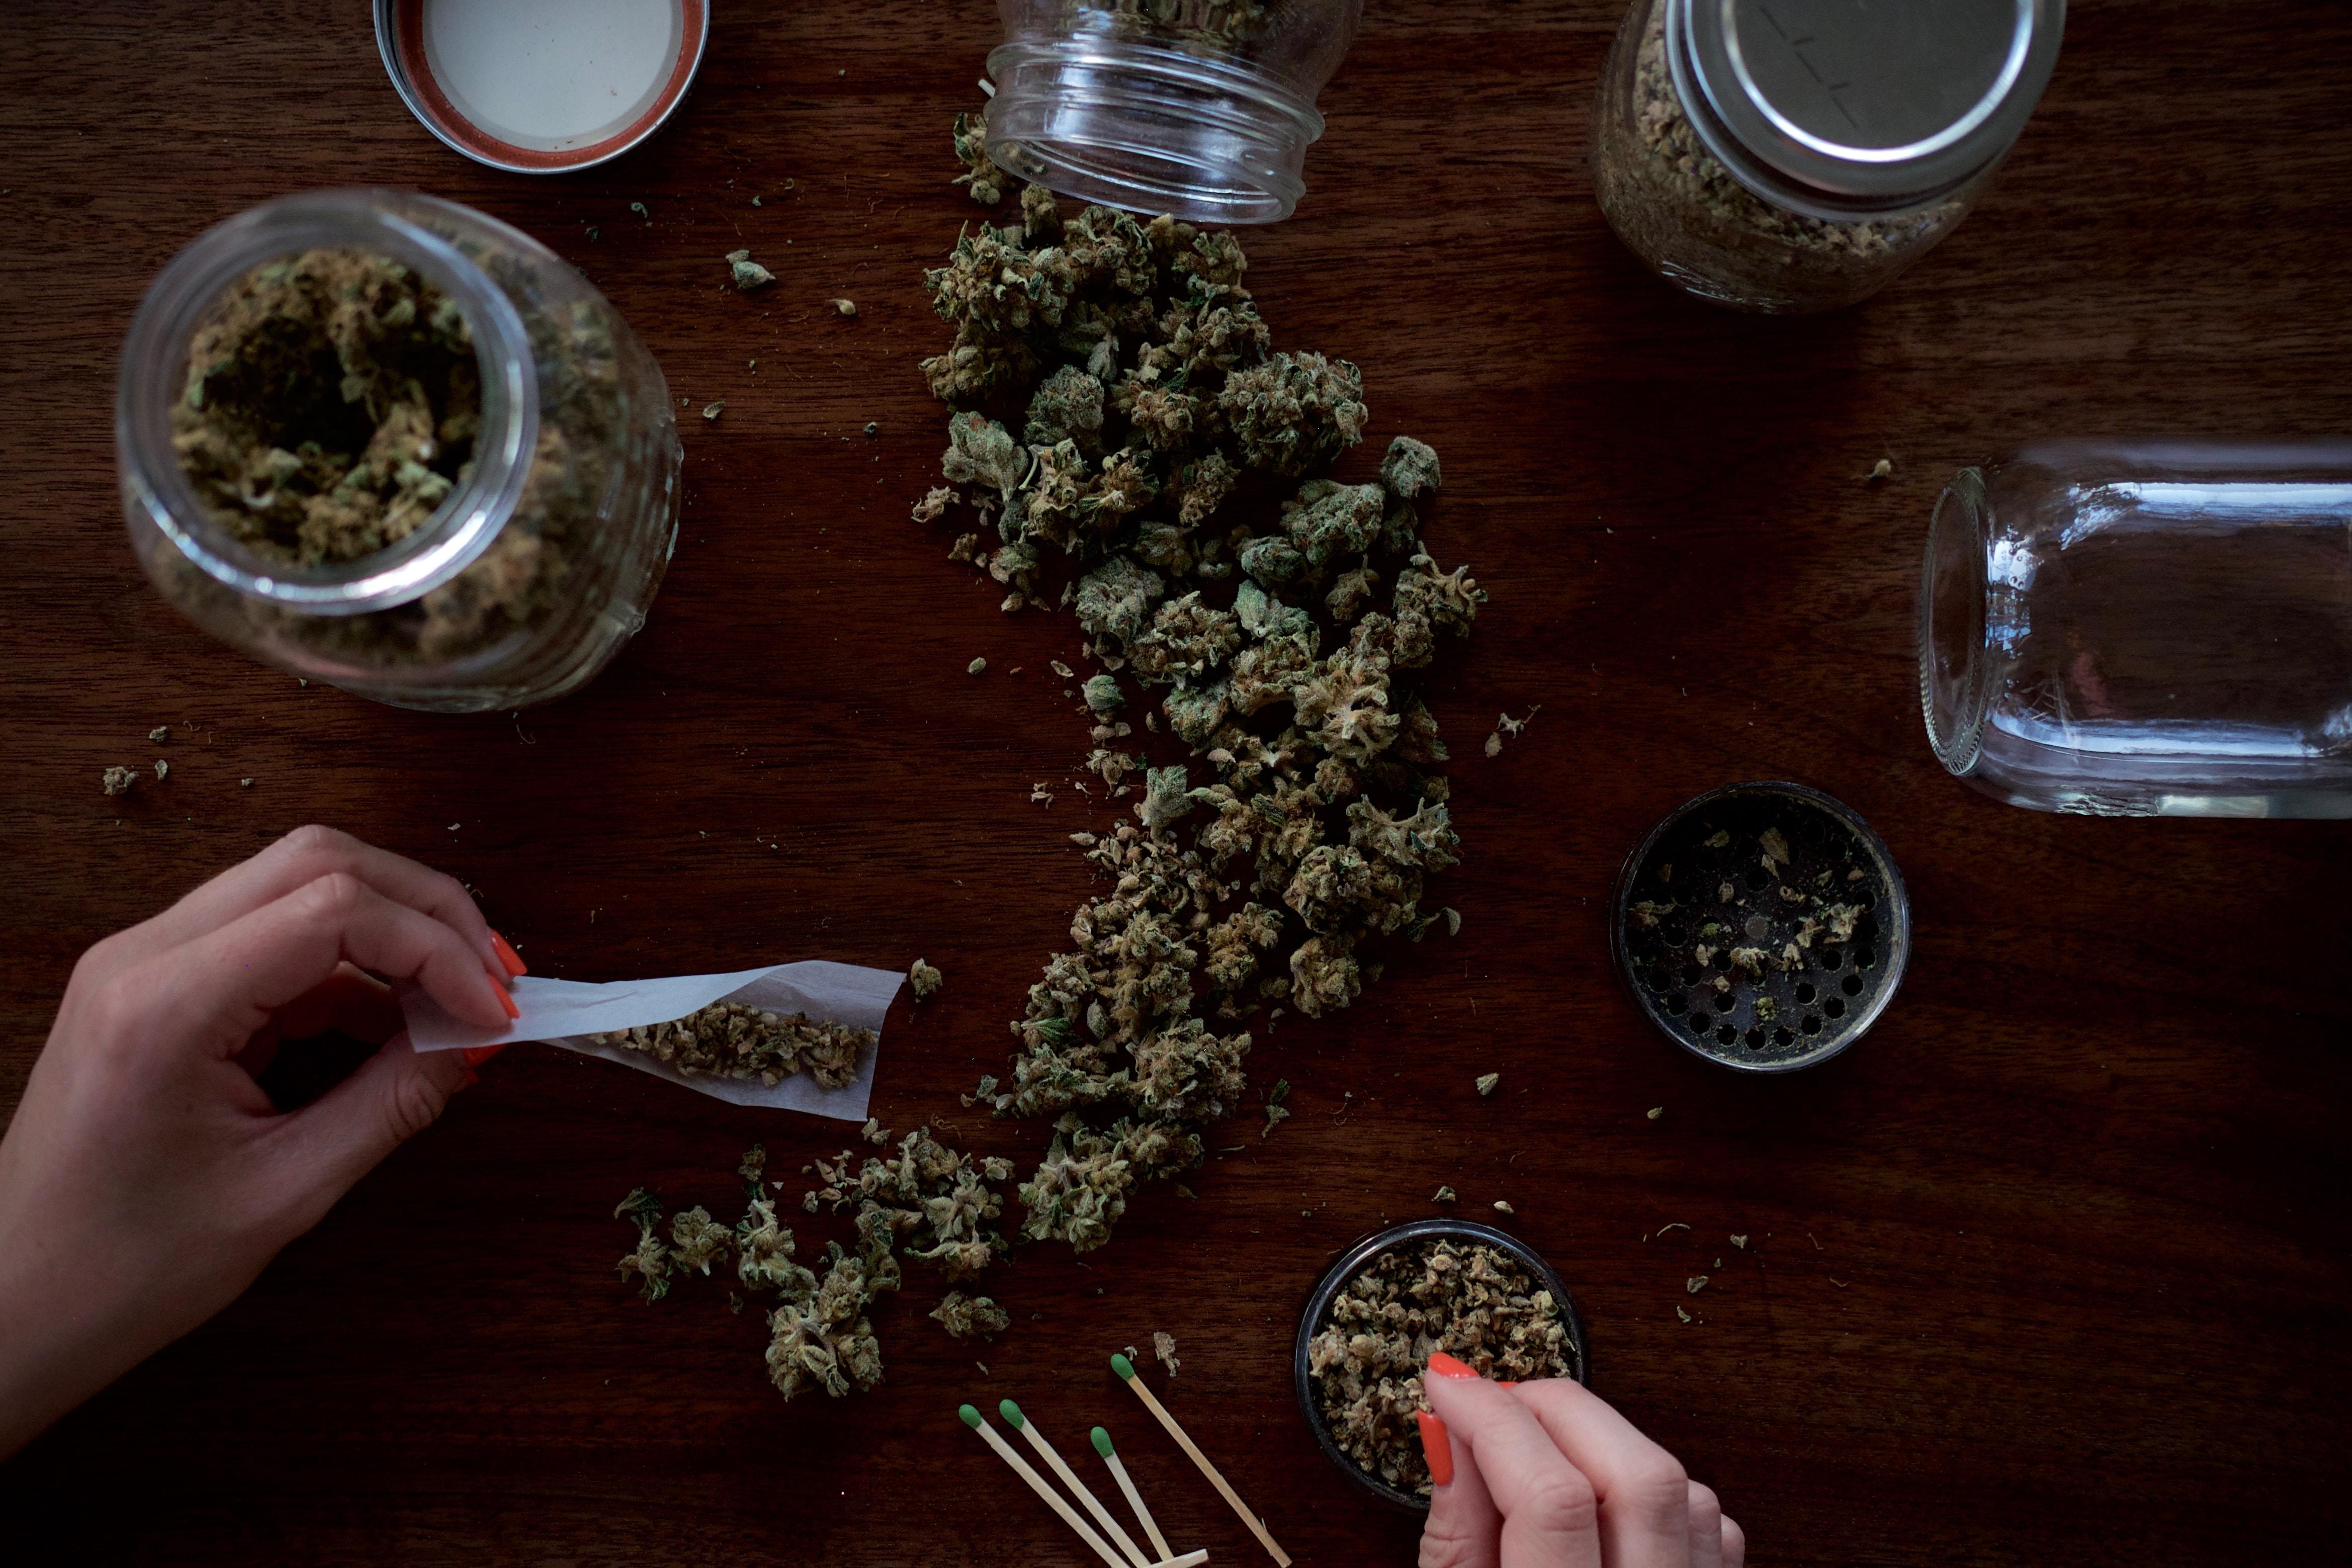 El cannabis podría ayudar contra Alzheimer, 'dicen' ratones